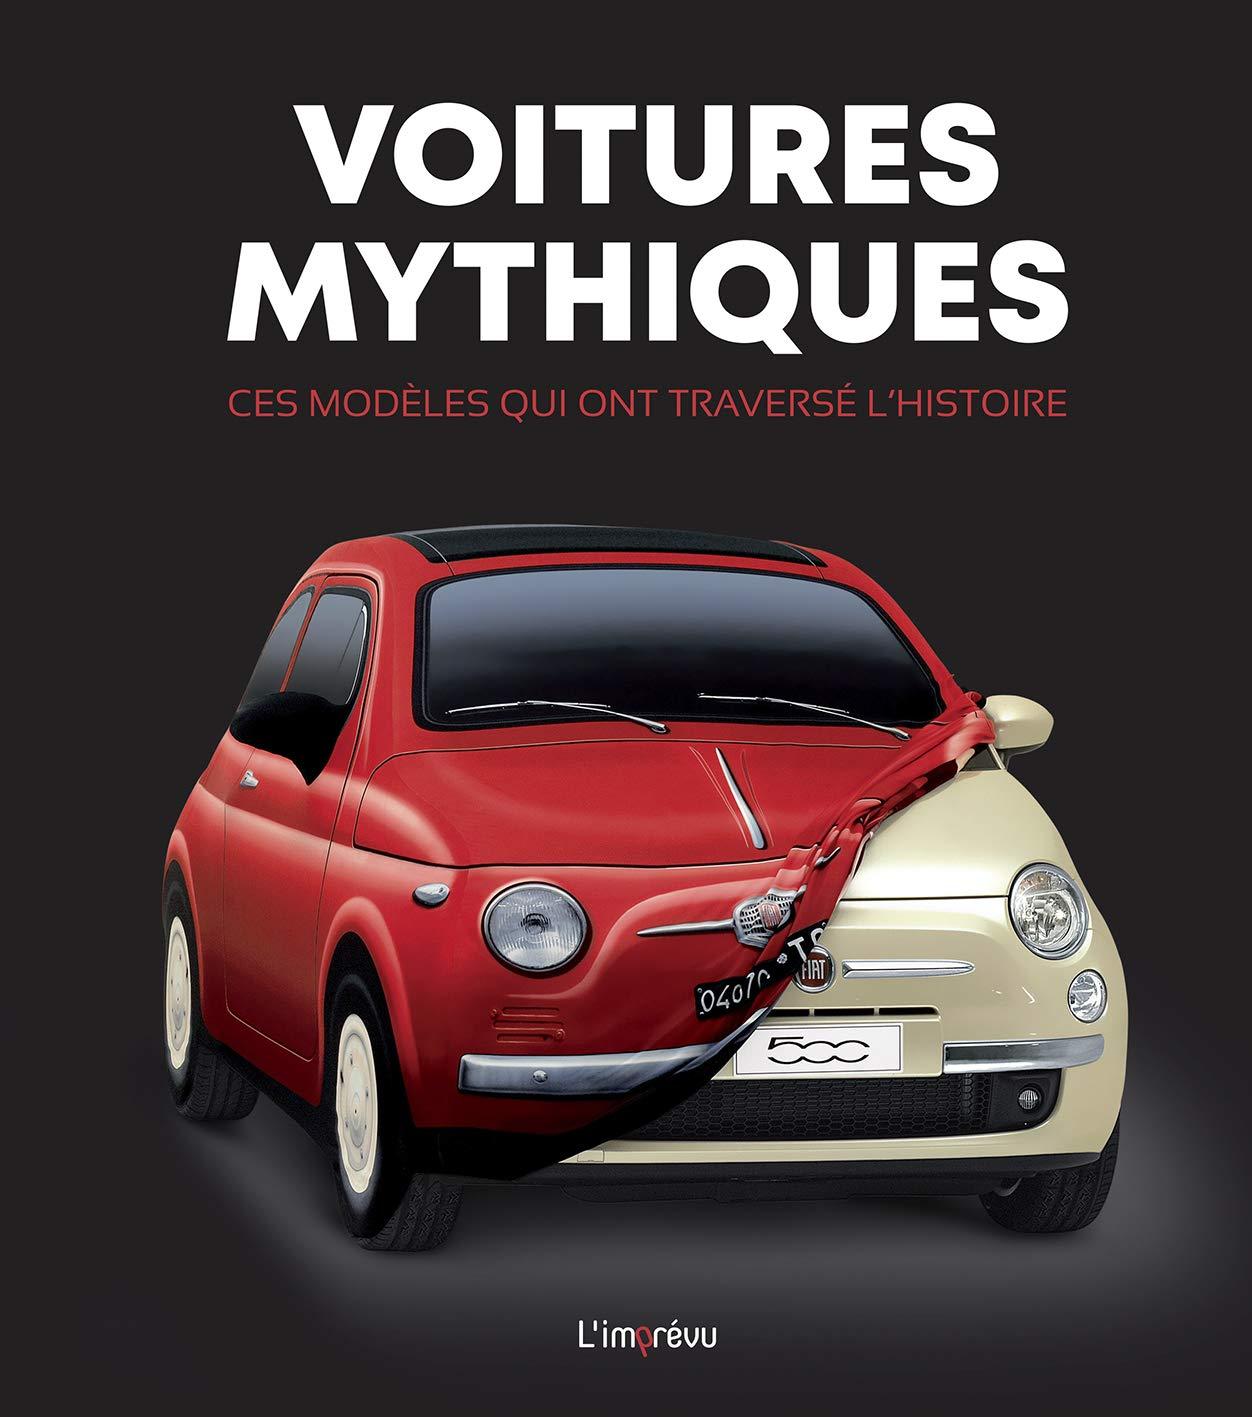 Voitures Mythiques